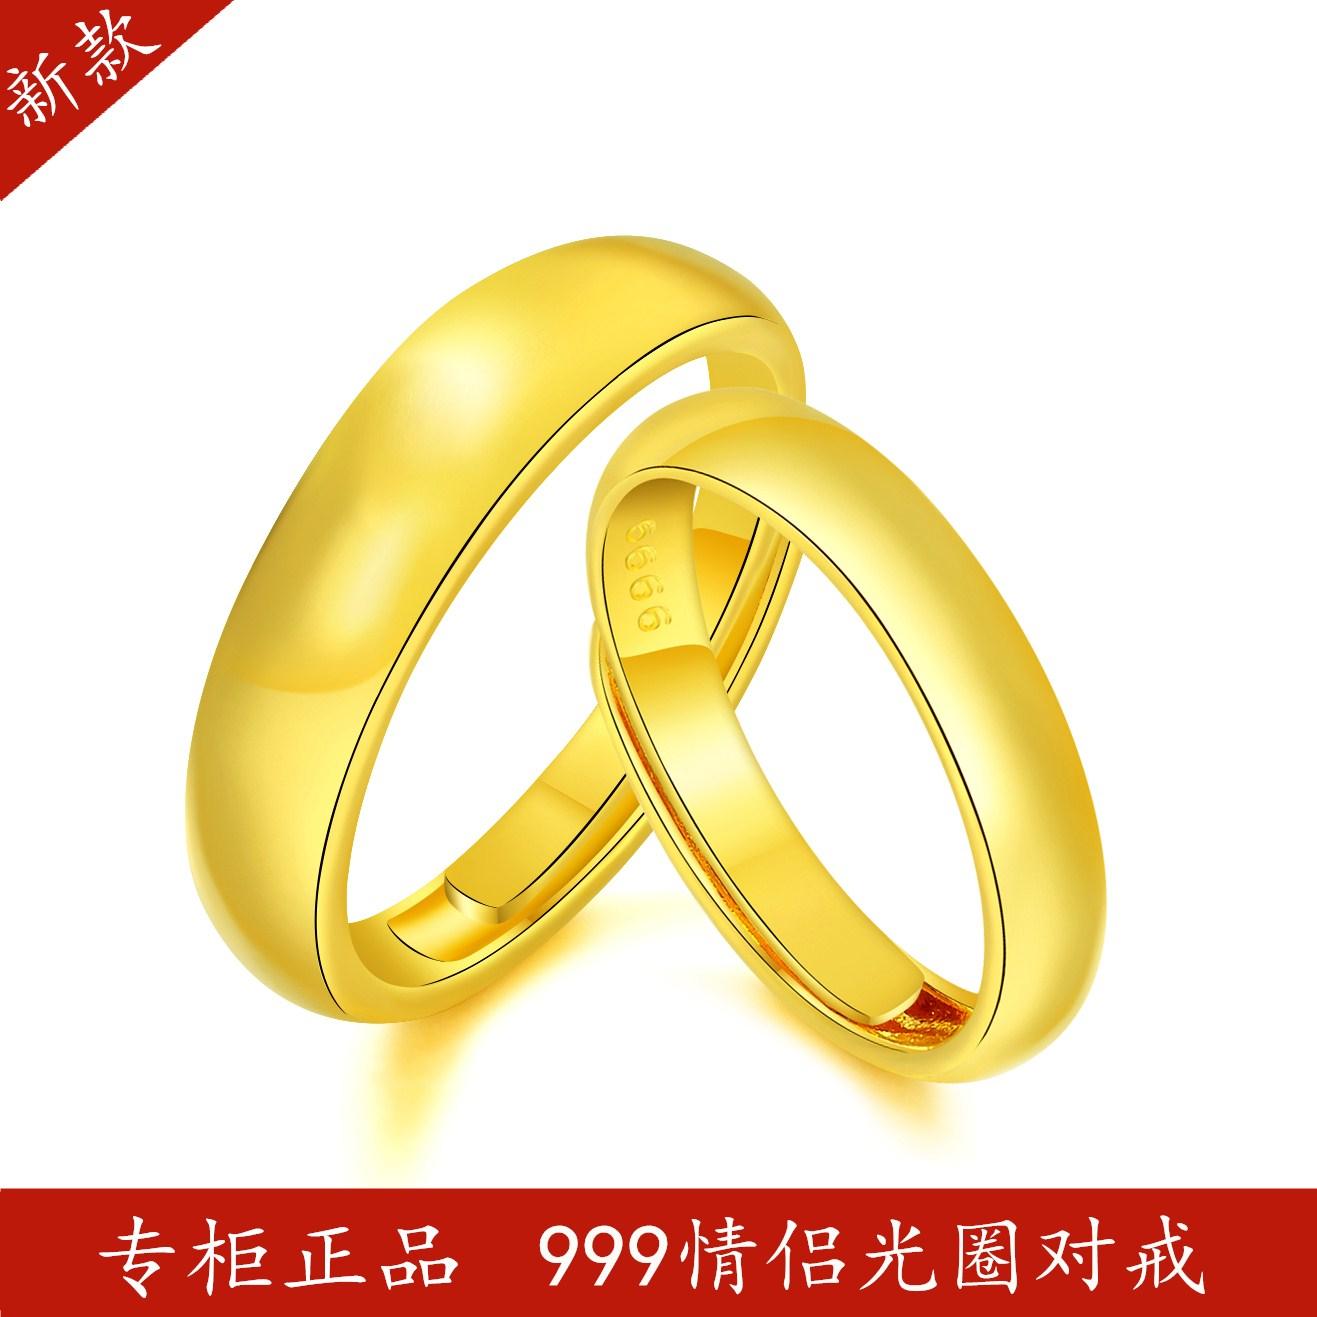 24k золото кольцо женские модели 999 чистое золото золото пара сдаваться выйти замуж открытие мужской простой тонкий срез кольцо